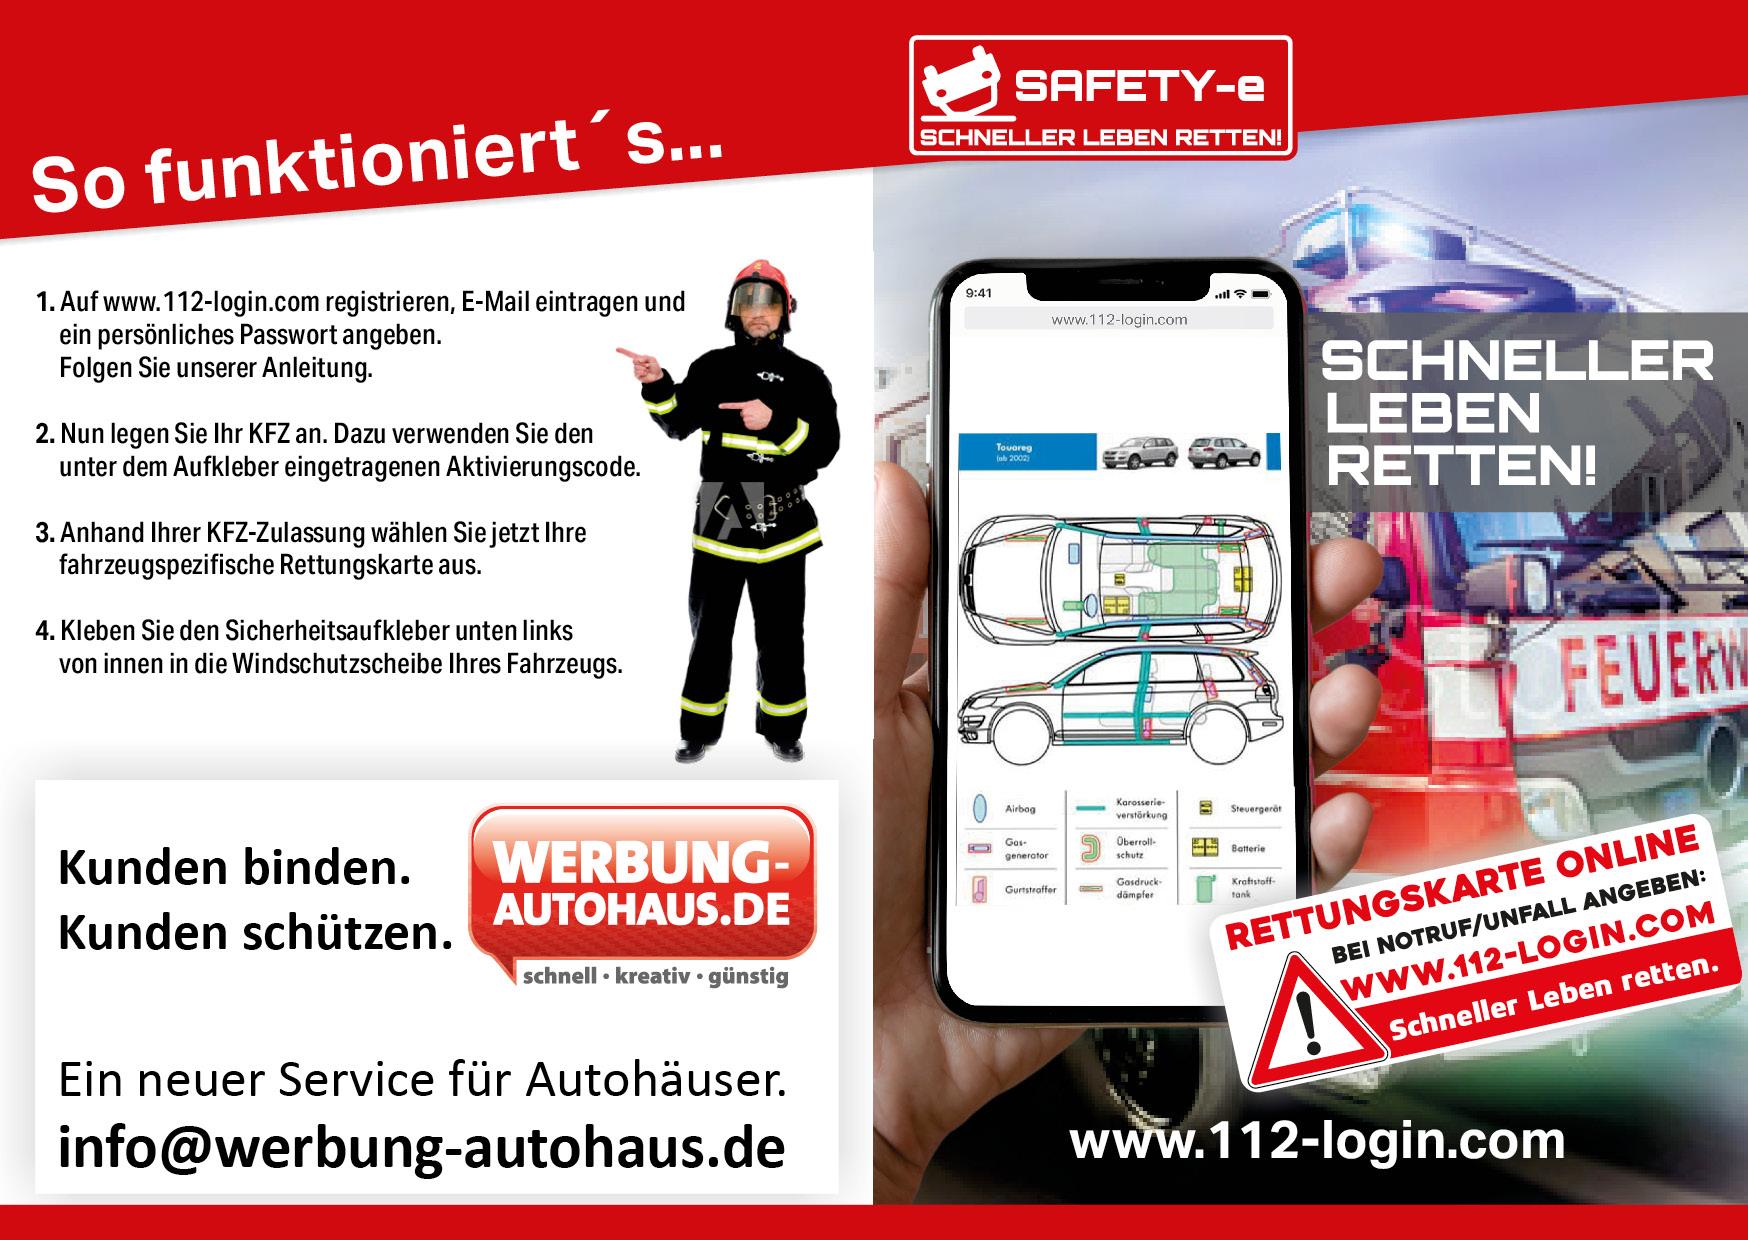 Safety-e_WFMA Infoblatt_4seitig